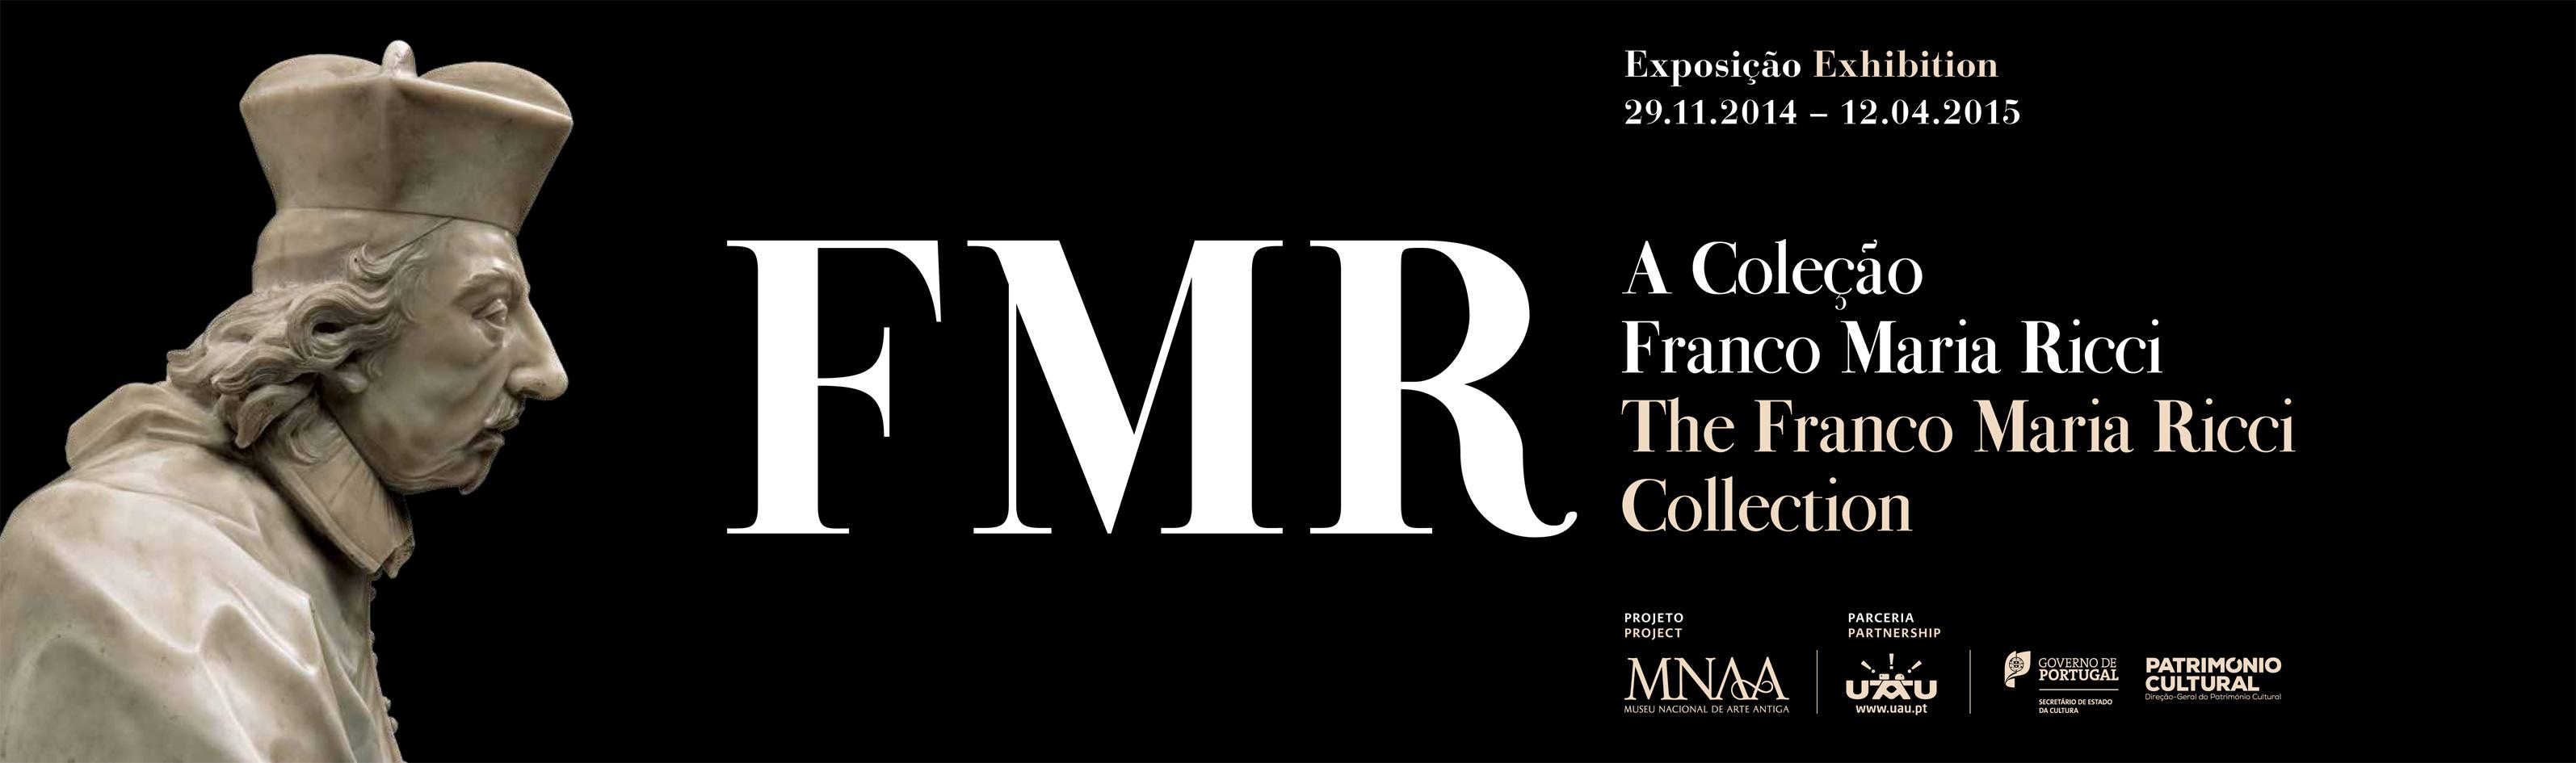 FMR A Colecao Franco Maria Ricci 2014 Assinatura Digital